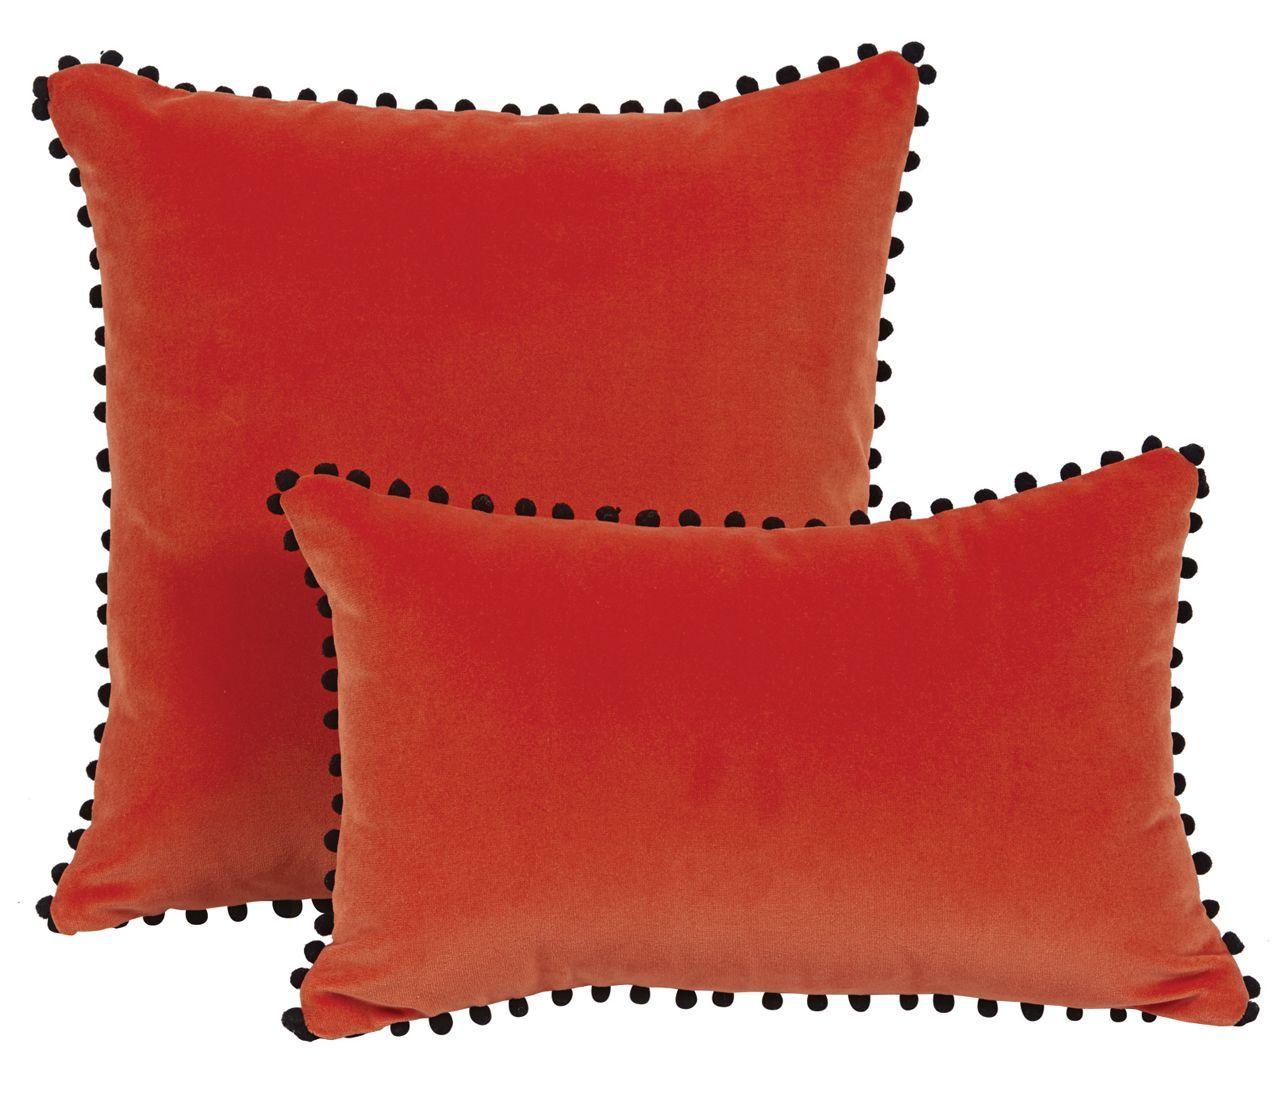 coussin velours Coussin velours orange + pompons noirs Farandole 45x30  coussin velours